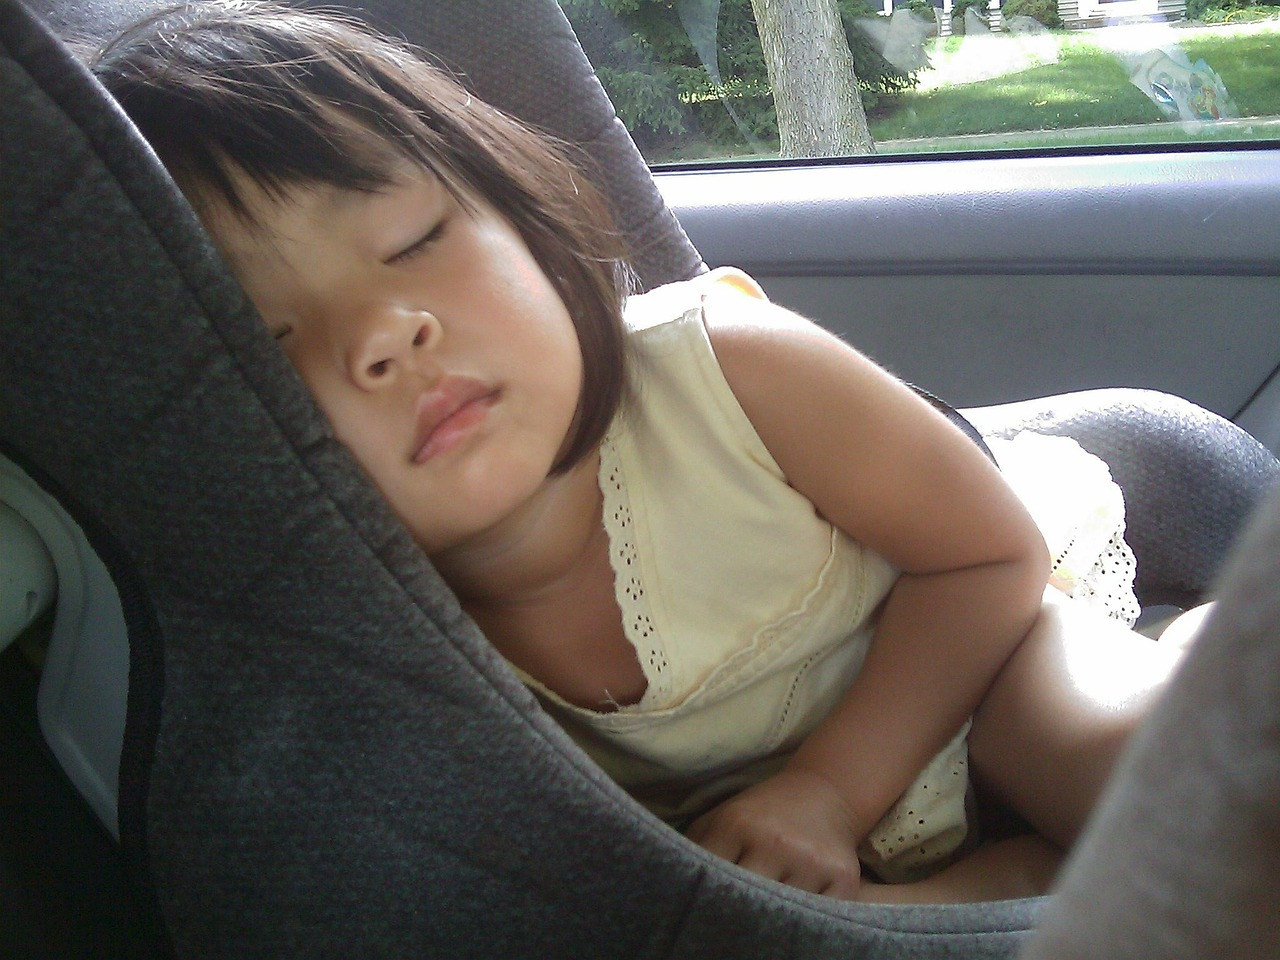 Cuidado al viajar con niños en épocas de calor